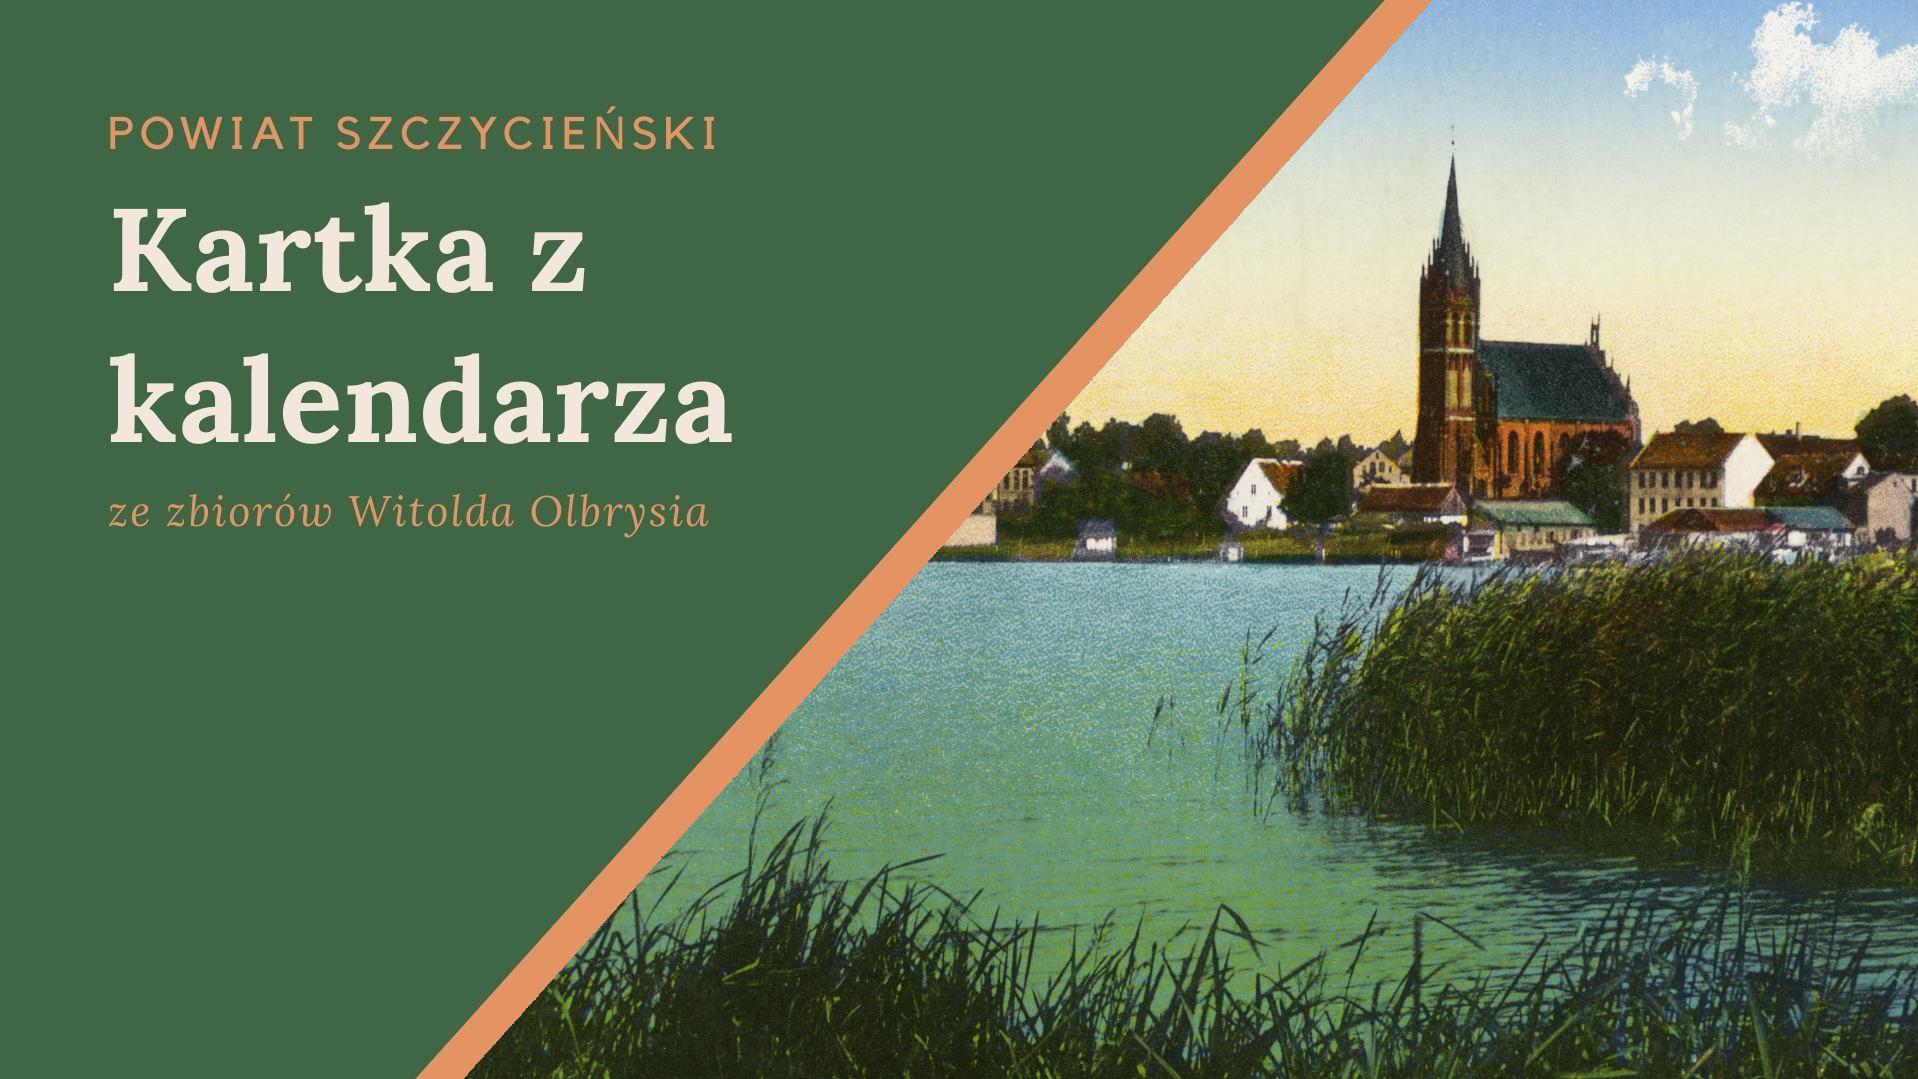 https://m.powiatszczycienski.pl/2020/10/orig/kalendarz-historyczny-kal-35616.jpg